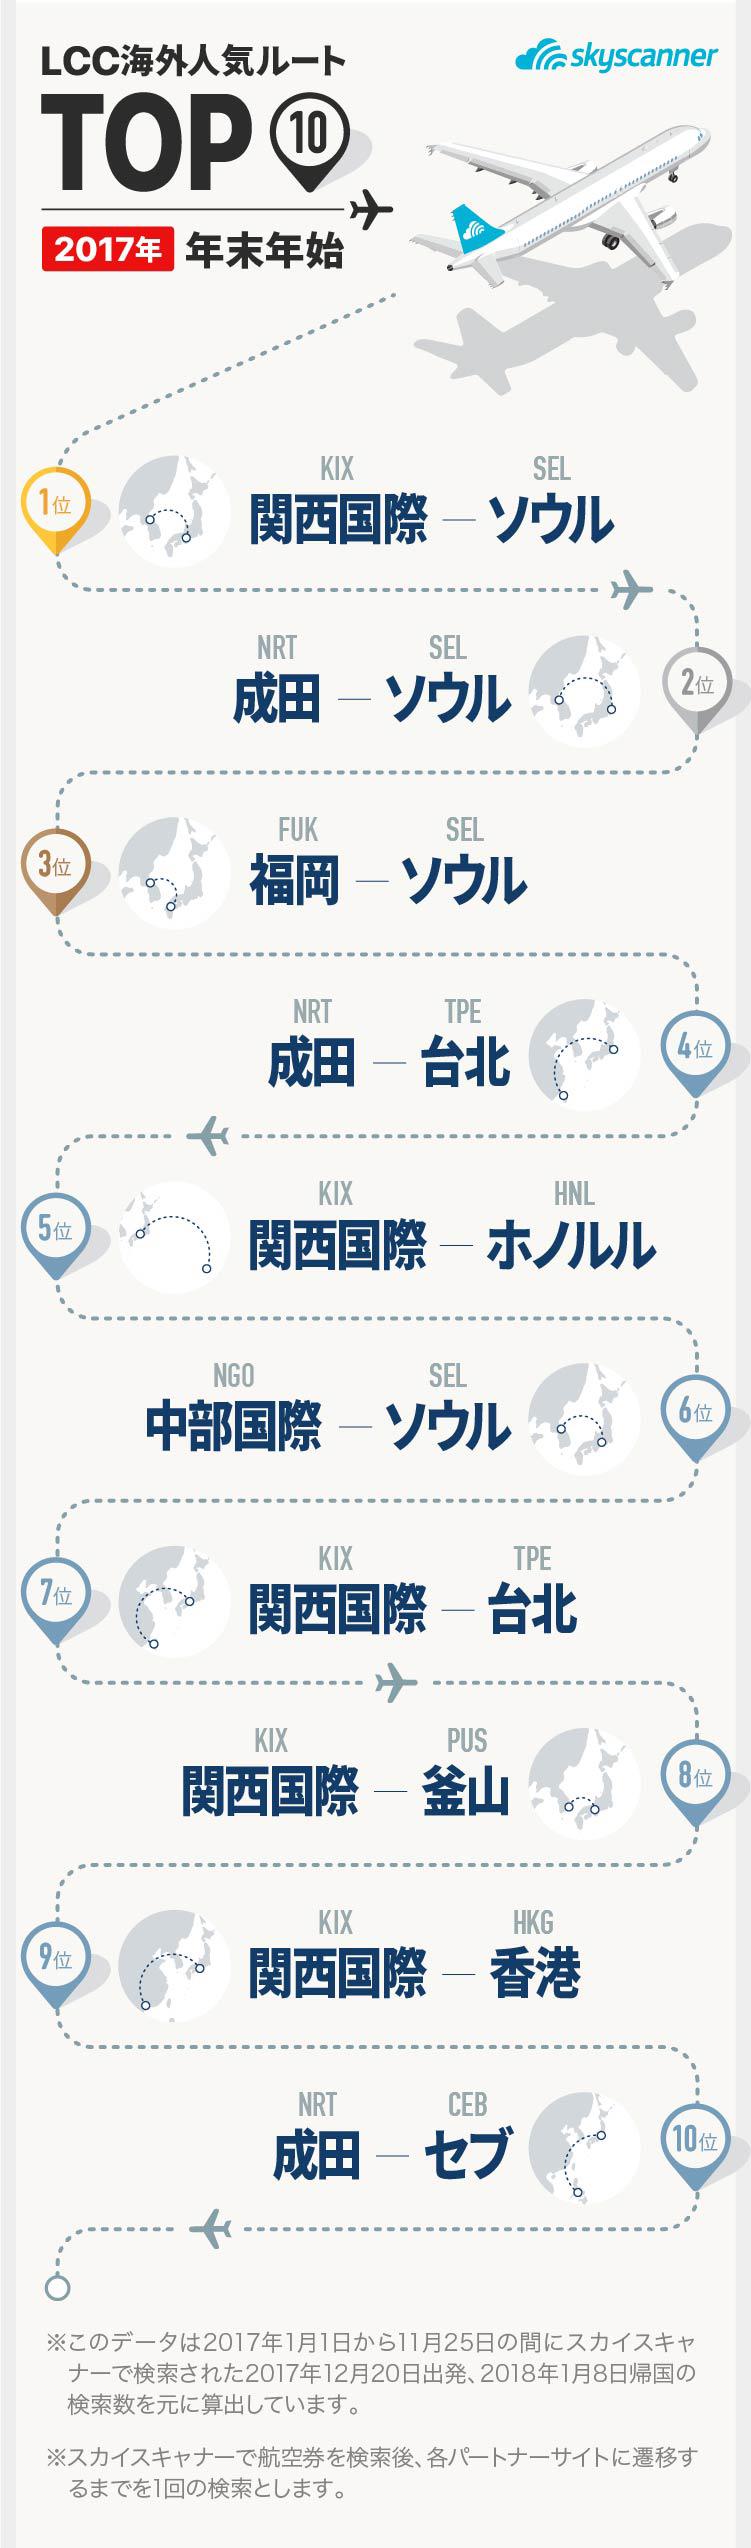 年末年始LCC海外人気ルートトップ10